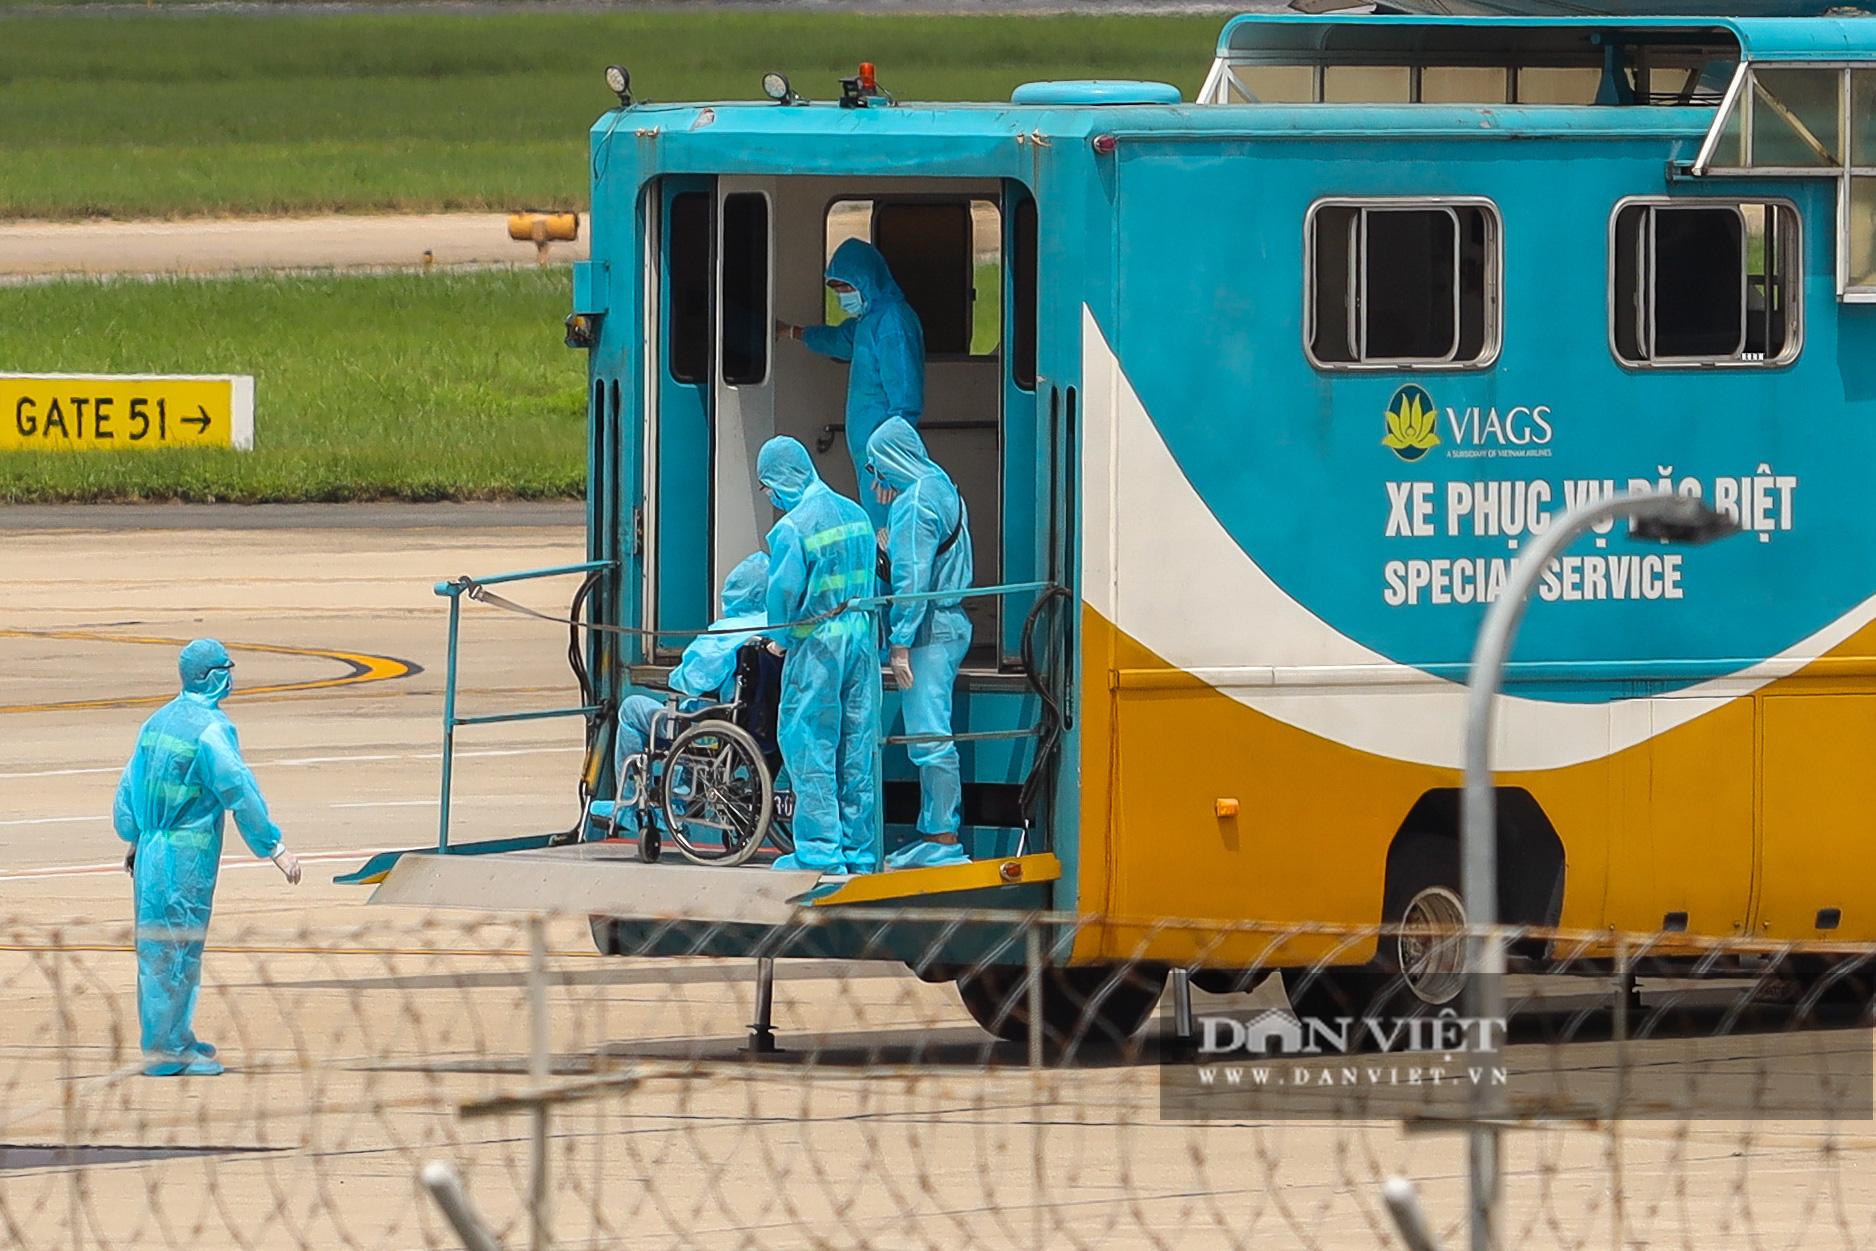 Chuyến bay đặc biệt đưa 207 người mắc kẹt ở Đà Nẵng về Hà Nội - Ảnh 7.